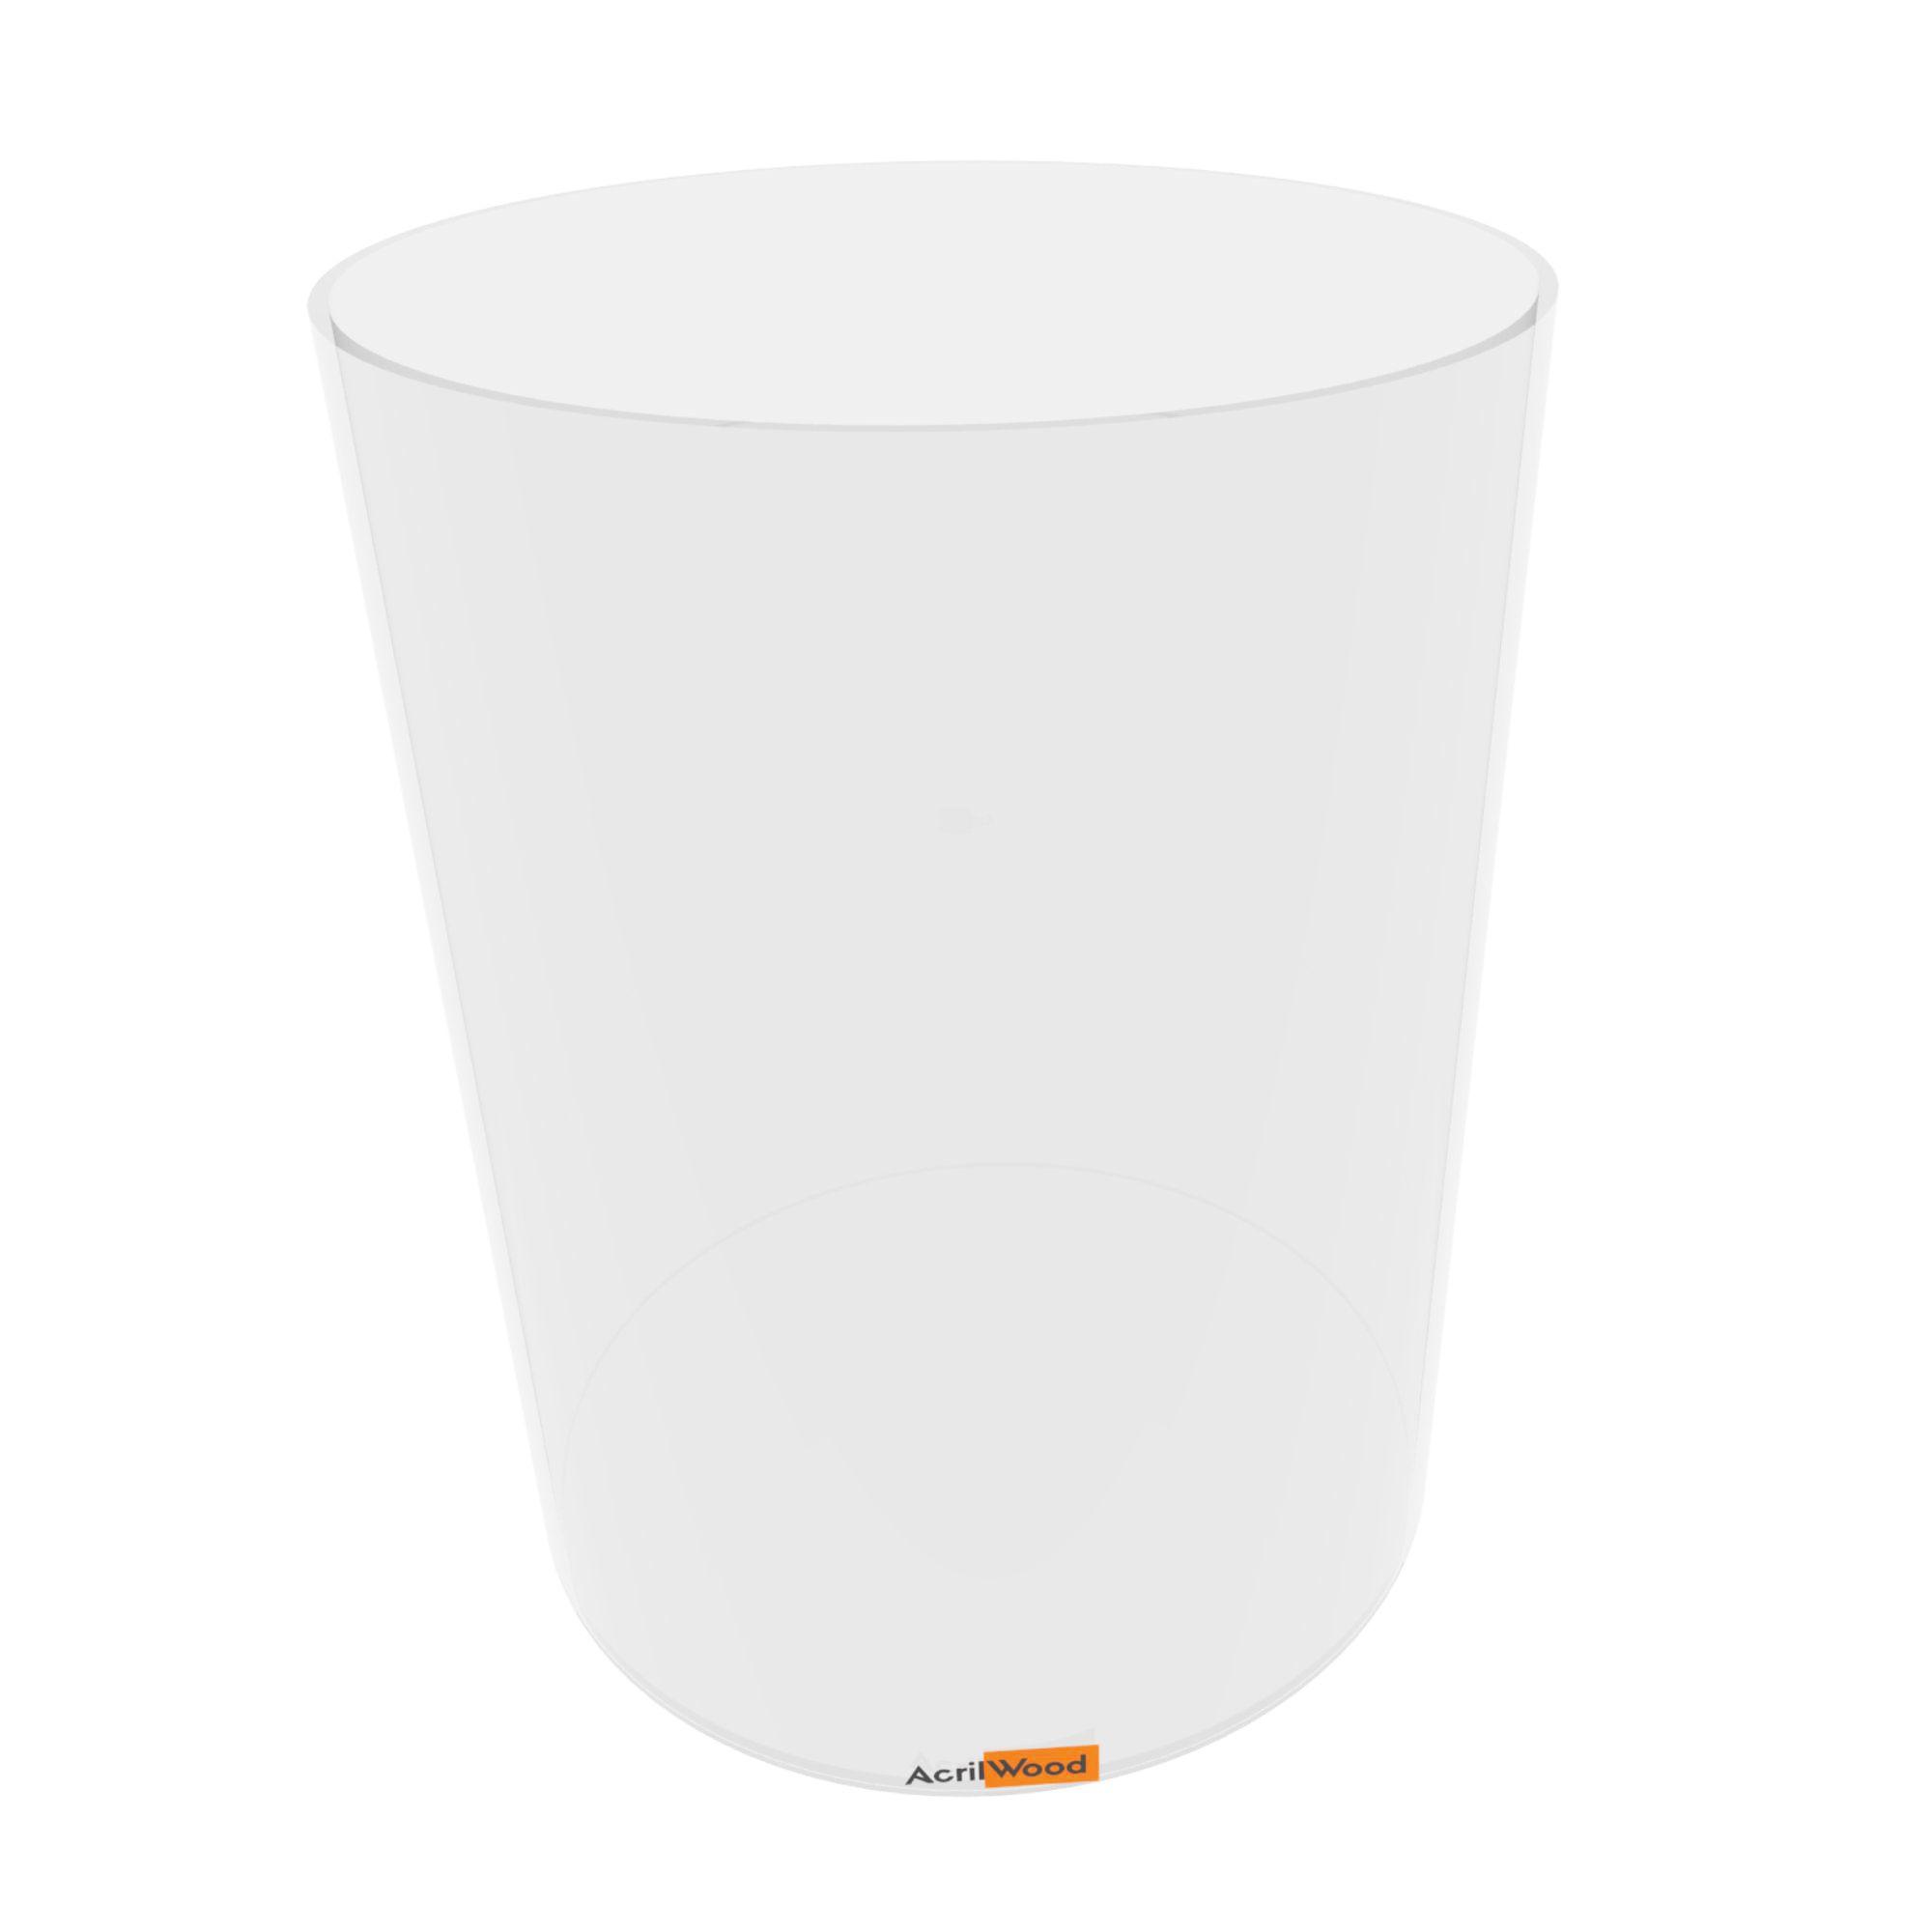 Caixa Redonda Em Acrílico Cristal - 30x40cm